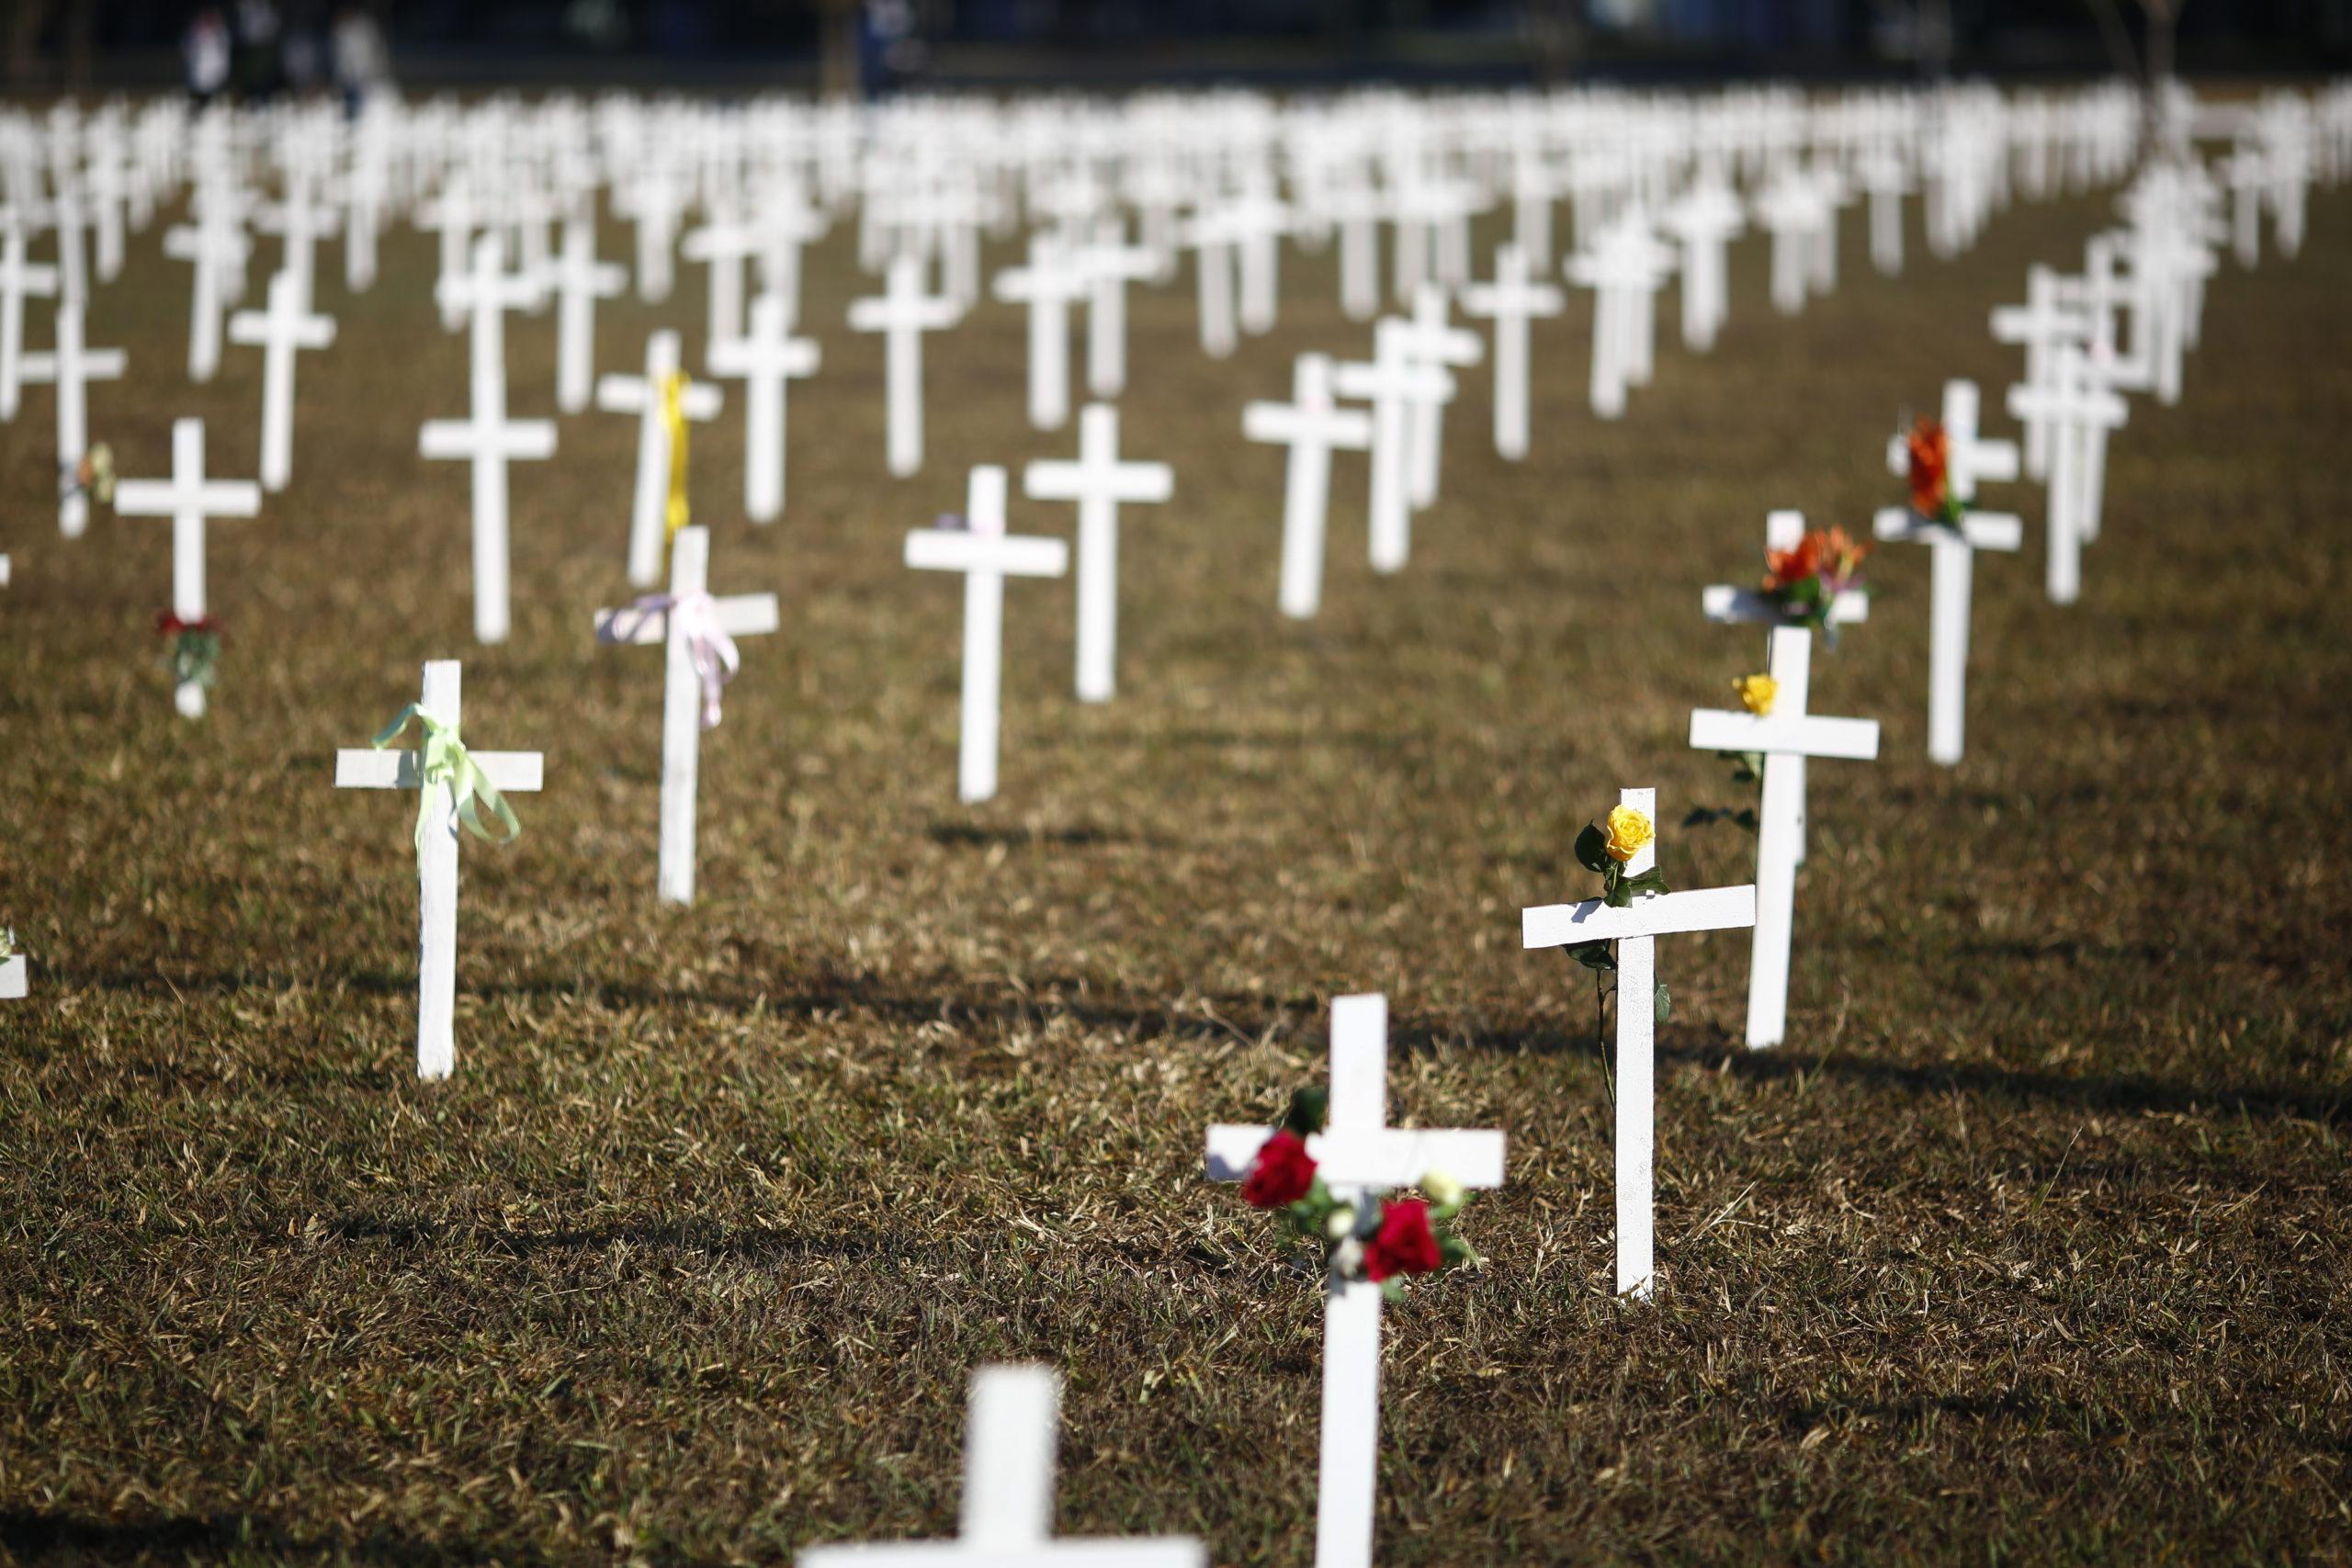 440 mil vidas perdidas: Covid já matou mais pessoas no Brasil que 147 atentados às Torres Gêmeas